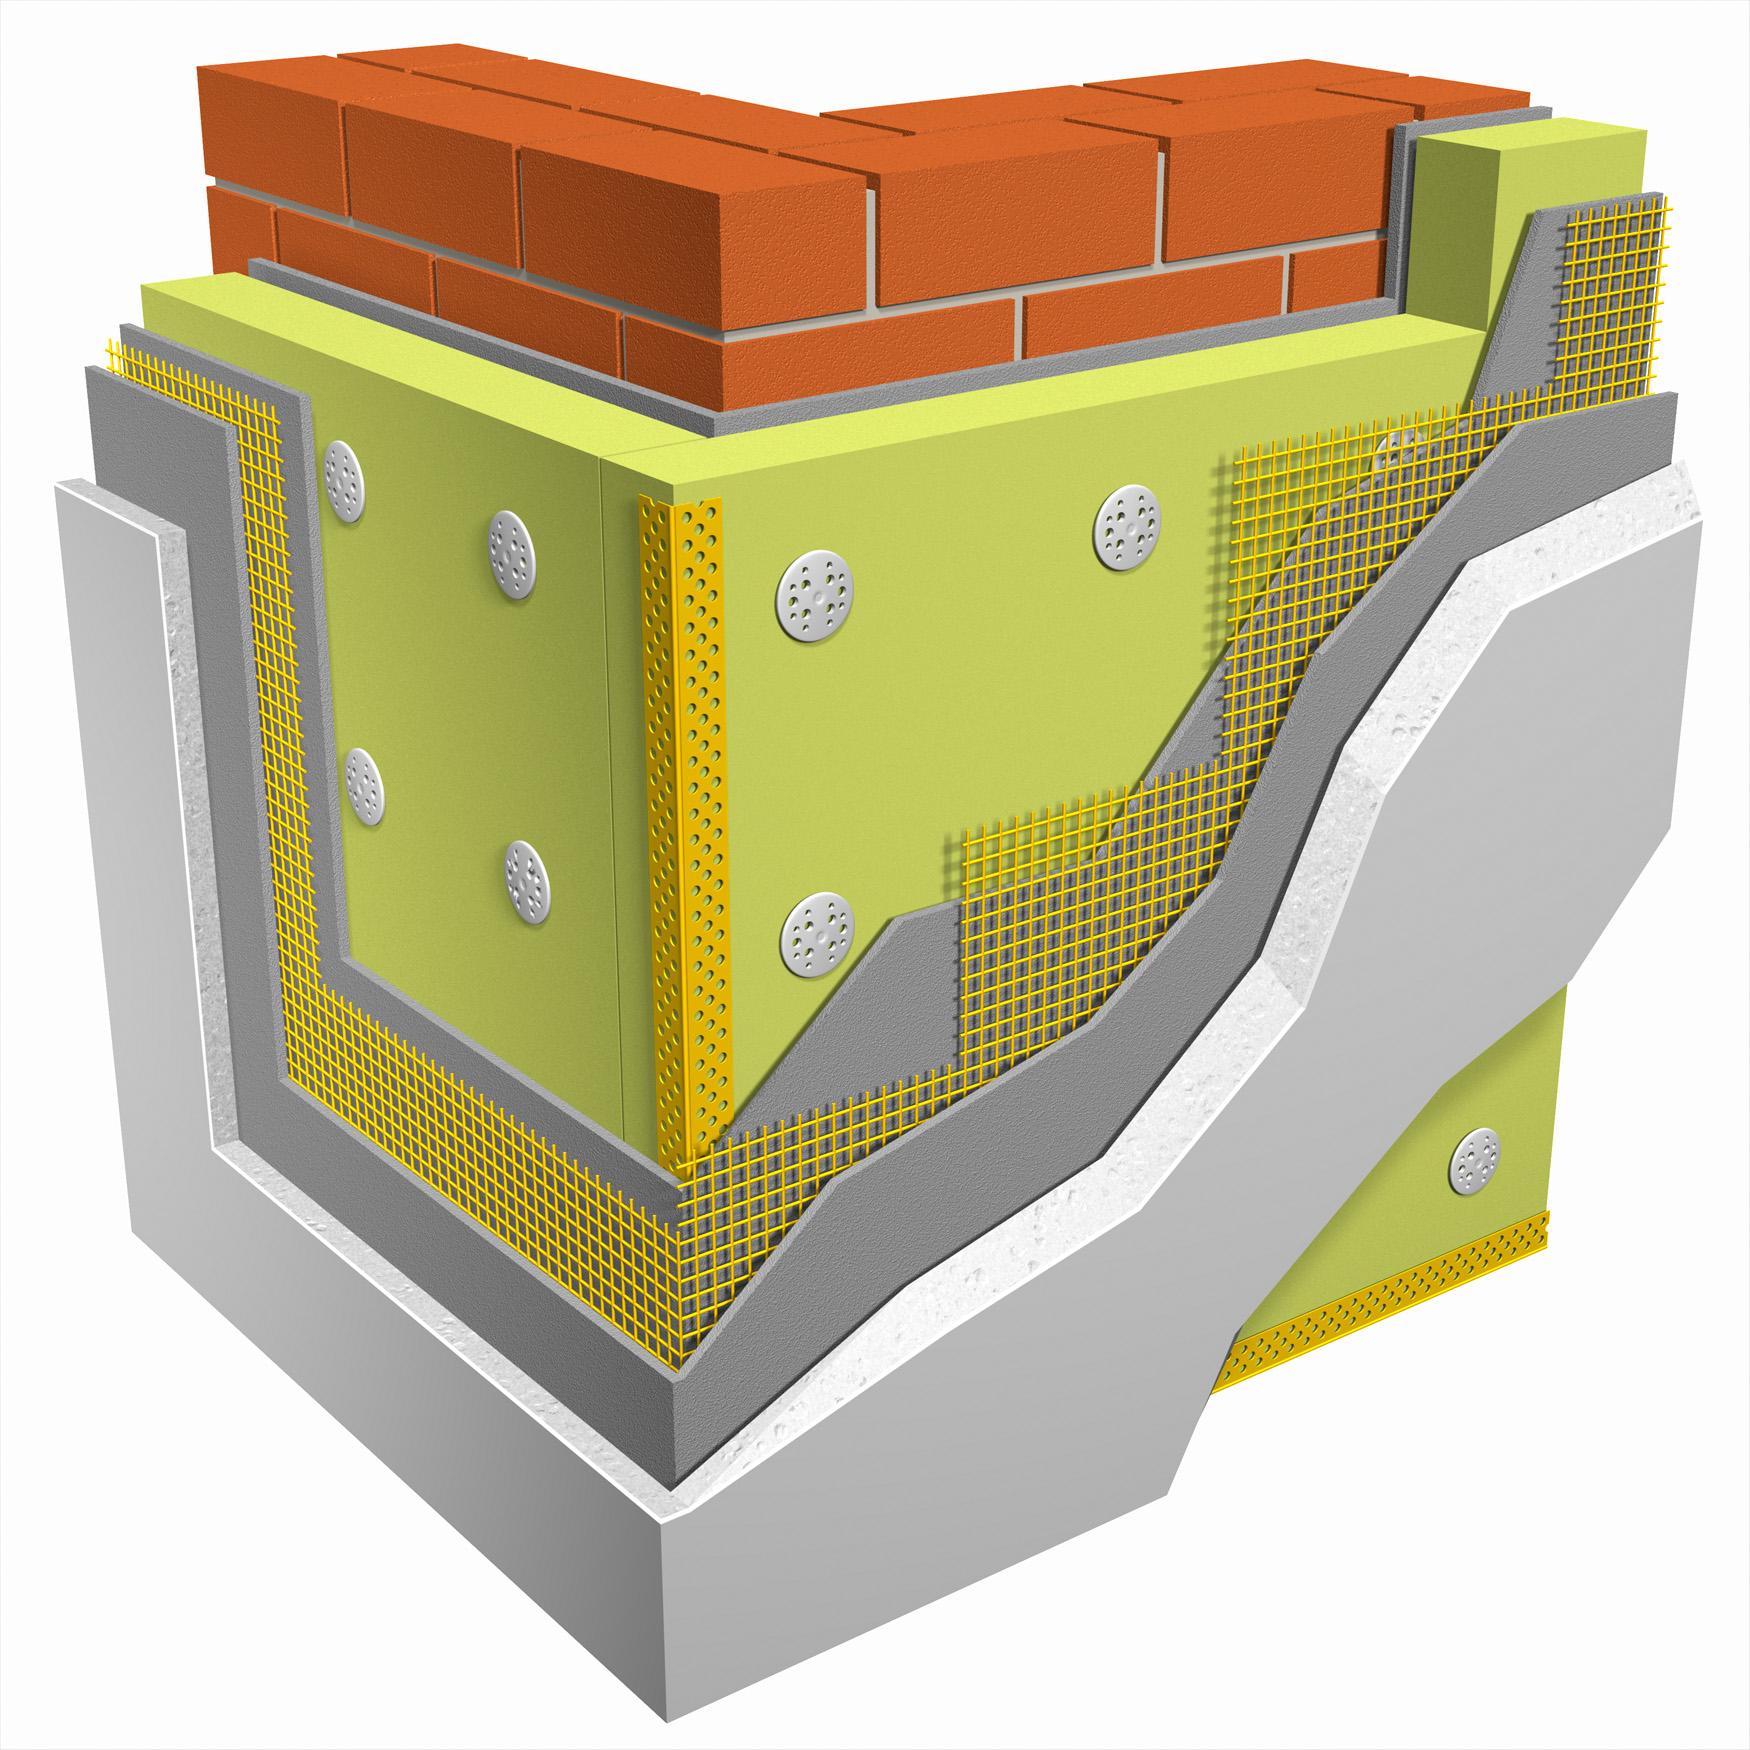 Утепление стен снаружи пенопластом: подробная пошаговая инструкция + фото